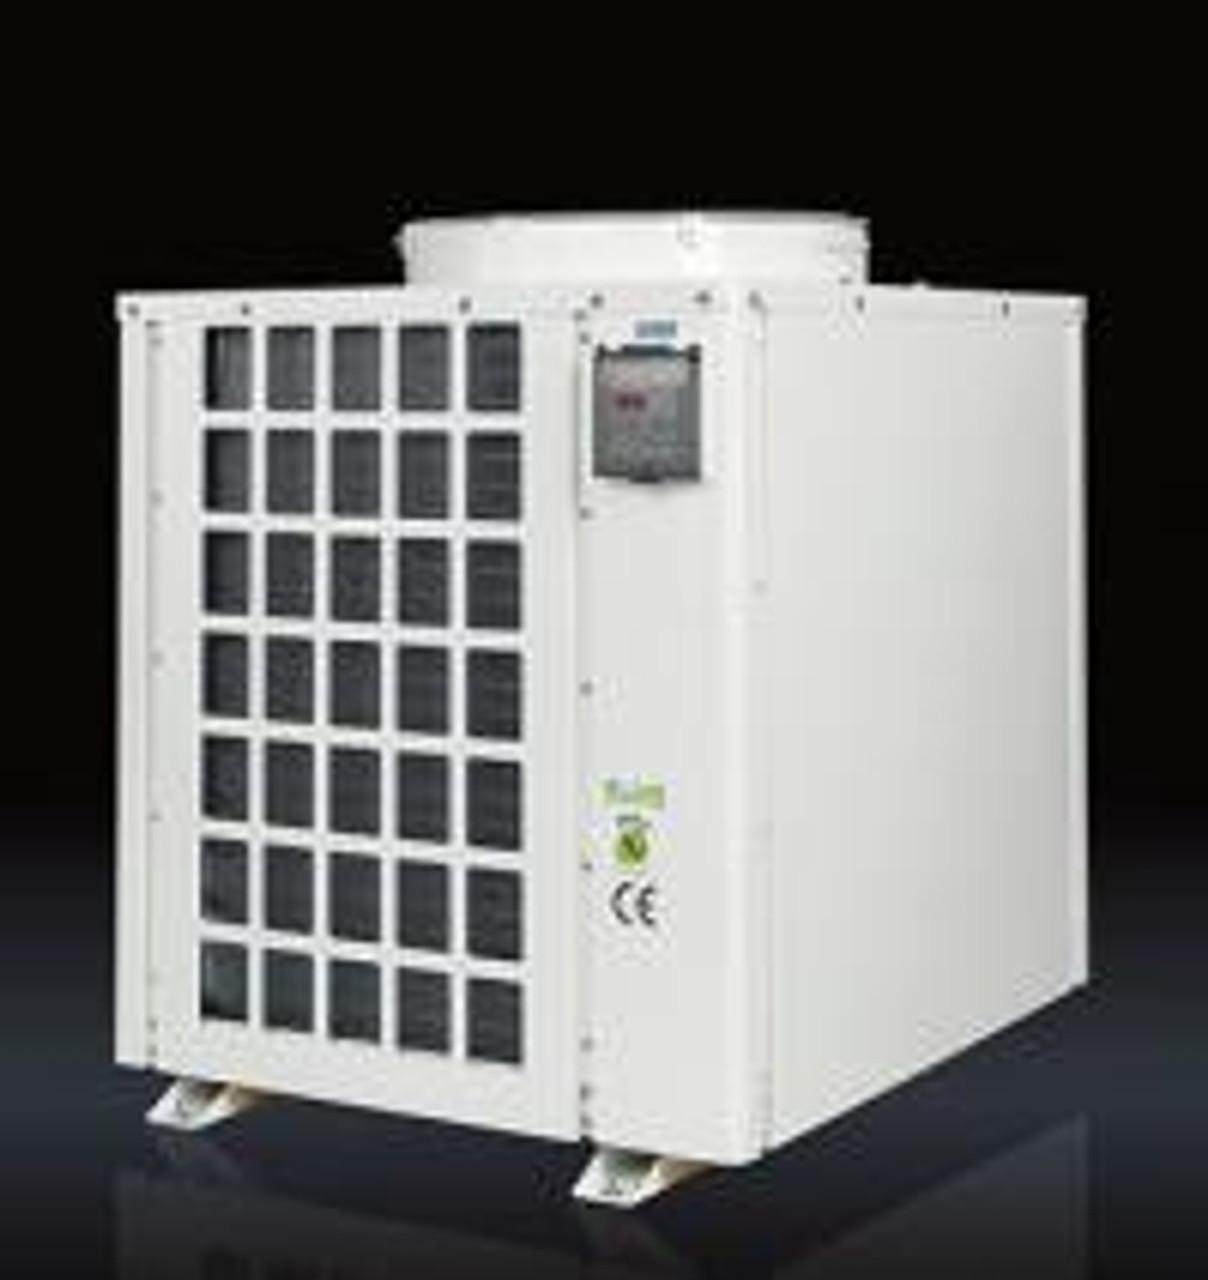 Teco TK 8K 3.5 HP, 240V, 1Phase, Heat Pump/Chiller, (TK-8K)